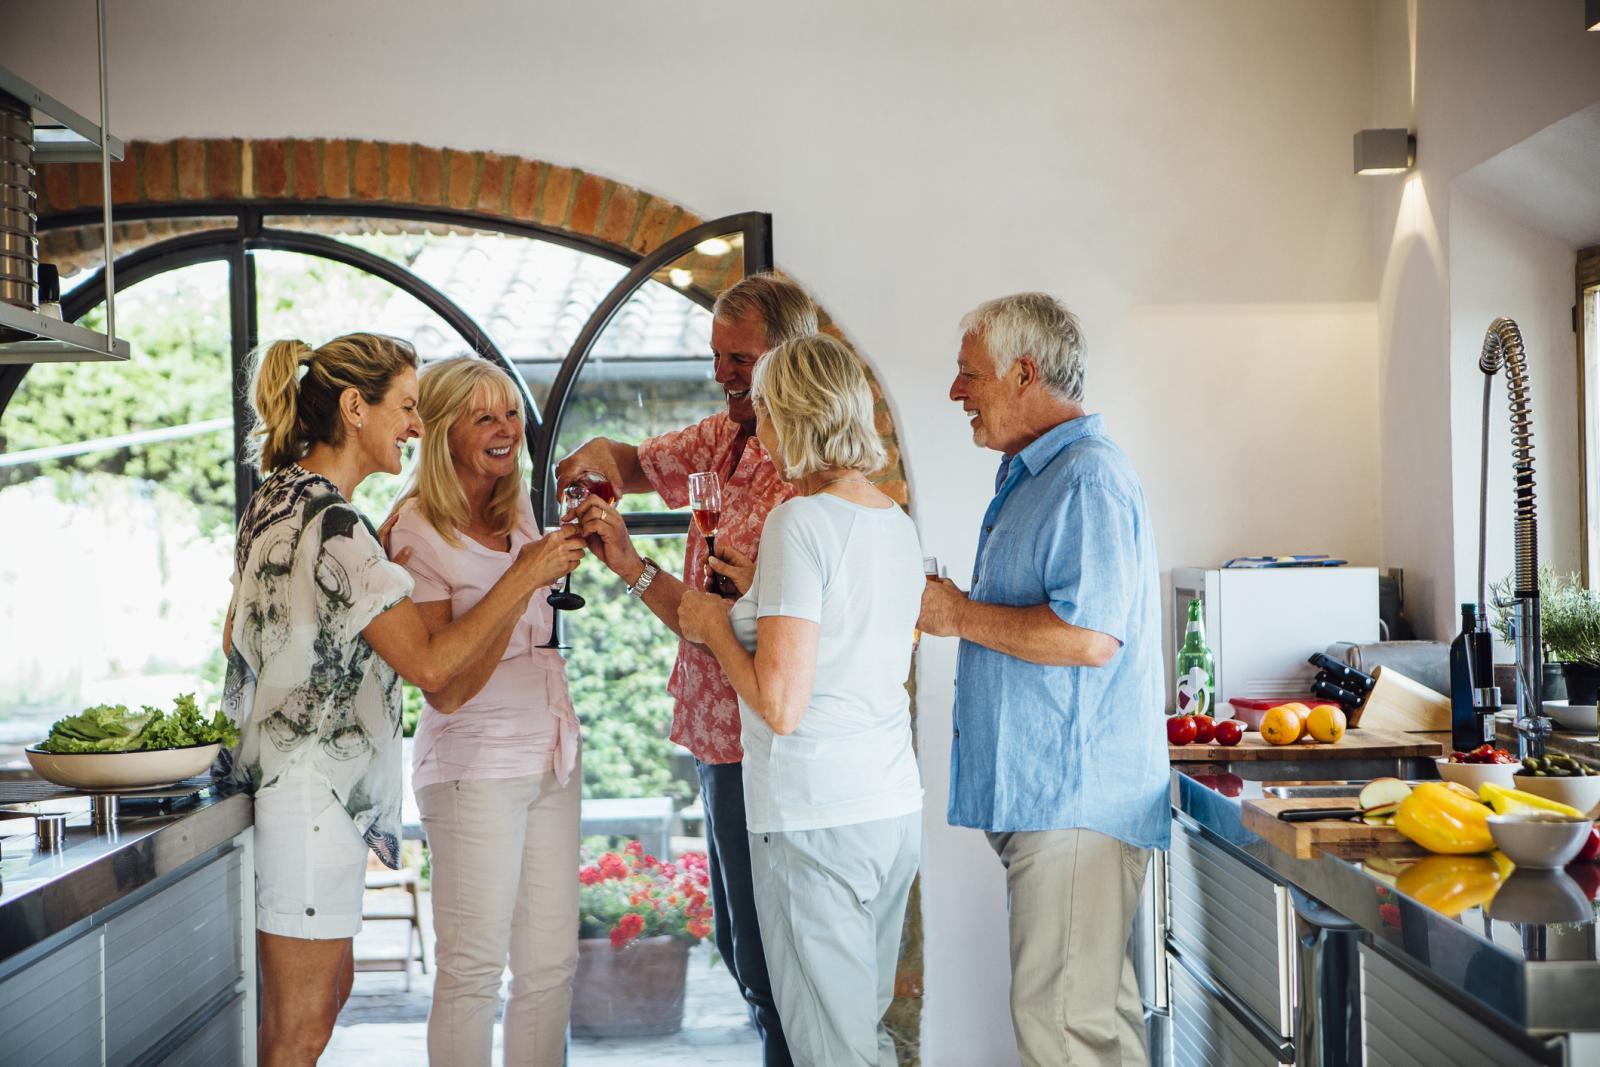 Što god se dogodilo, nemojte se izolirati od prijatelja i obitelji, oni su najveća podrška.